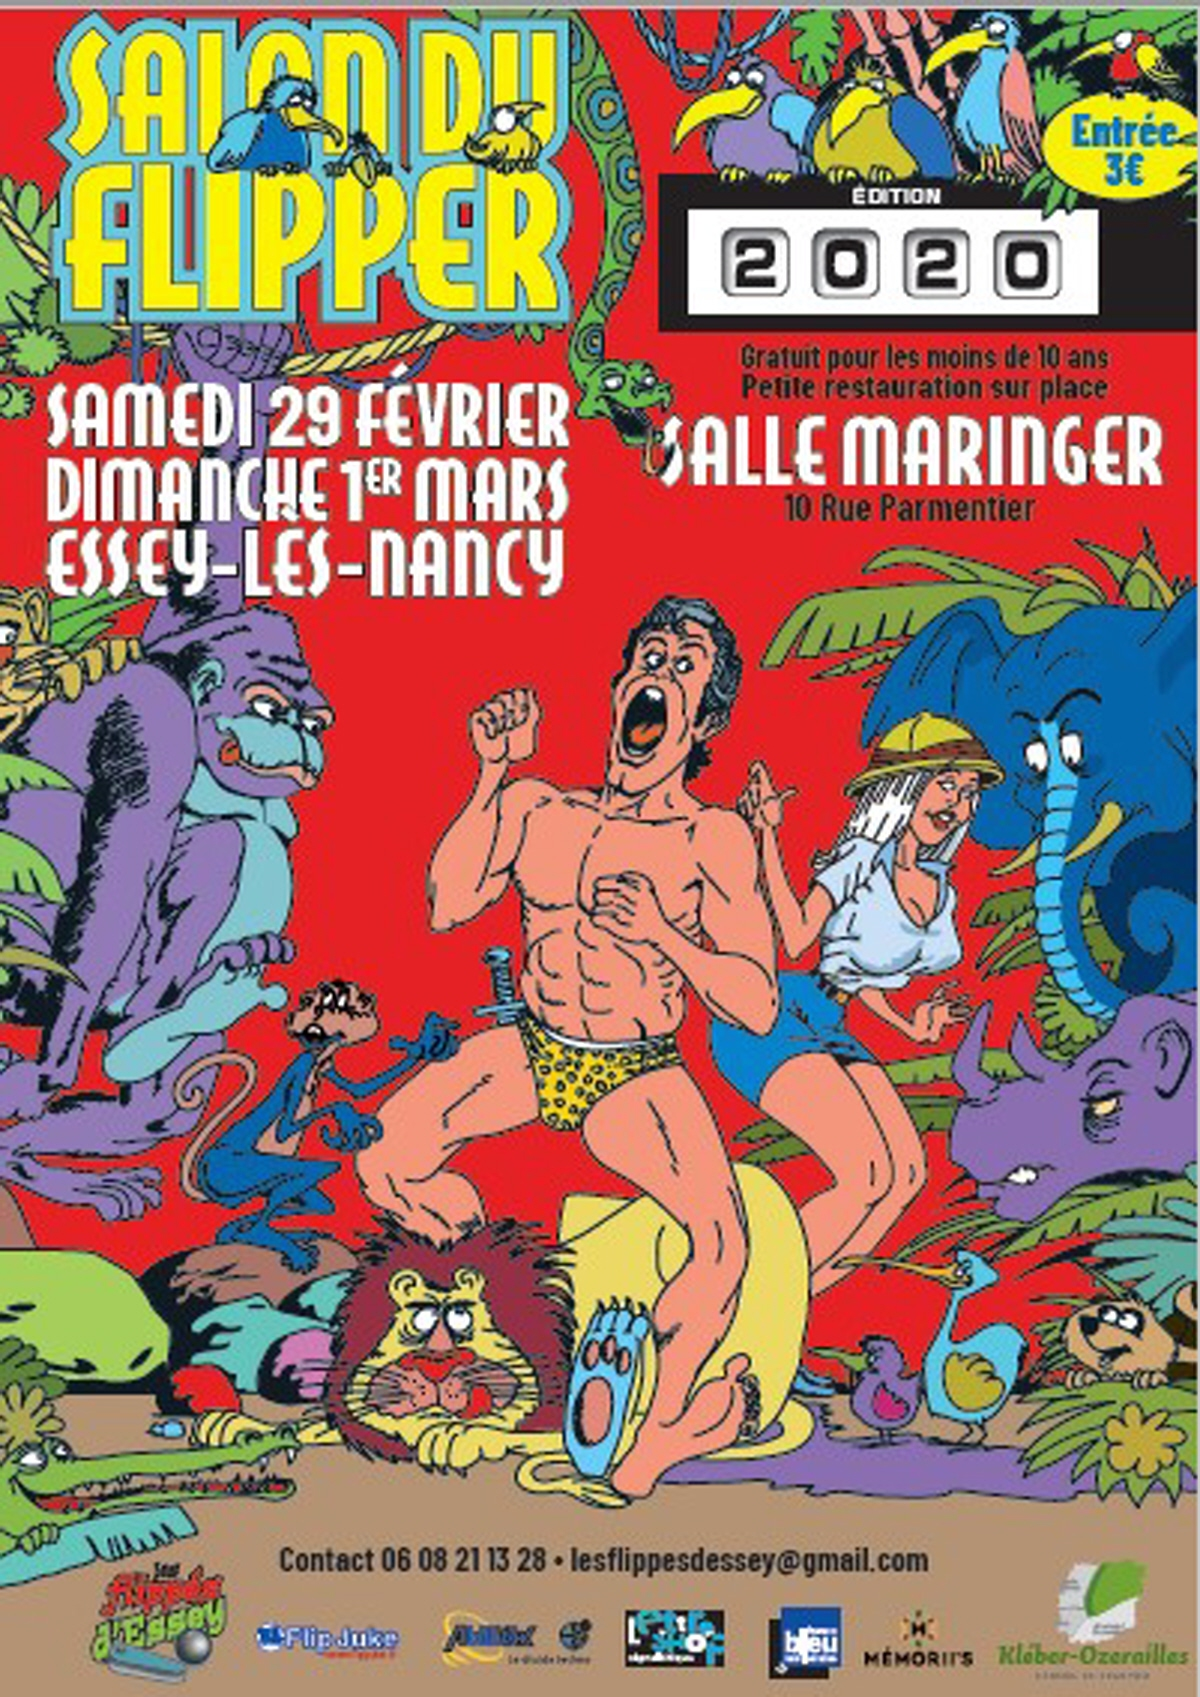 SALON DU FLIPPER Essey-lès-Nancy